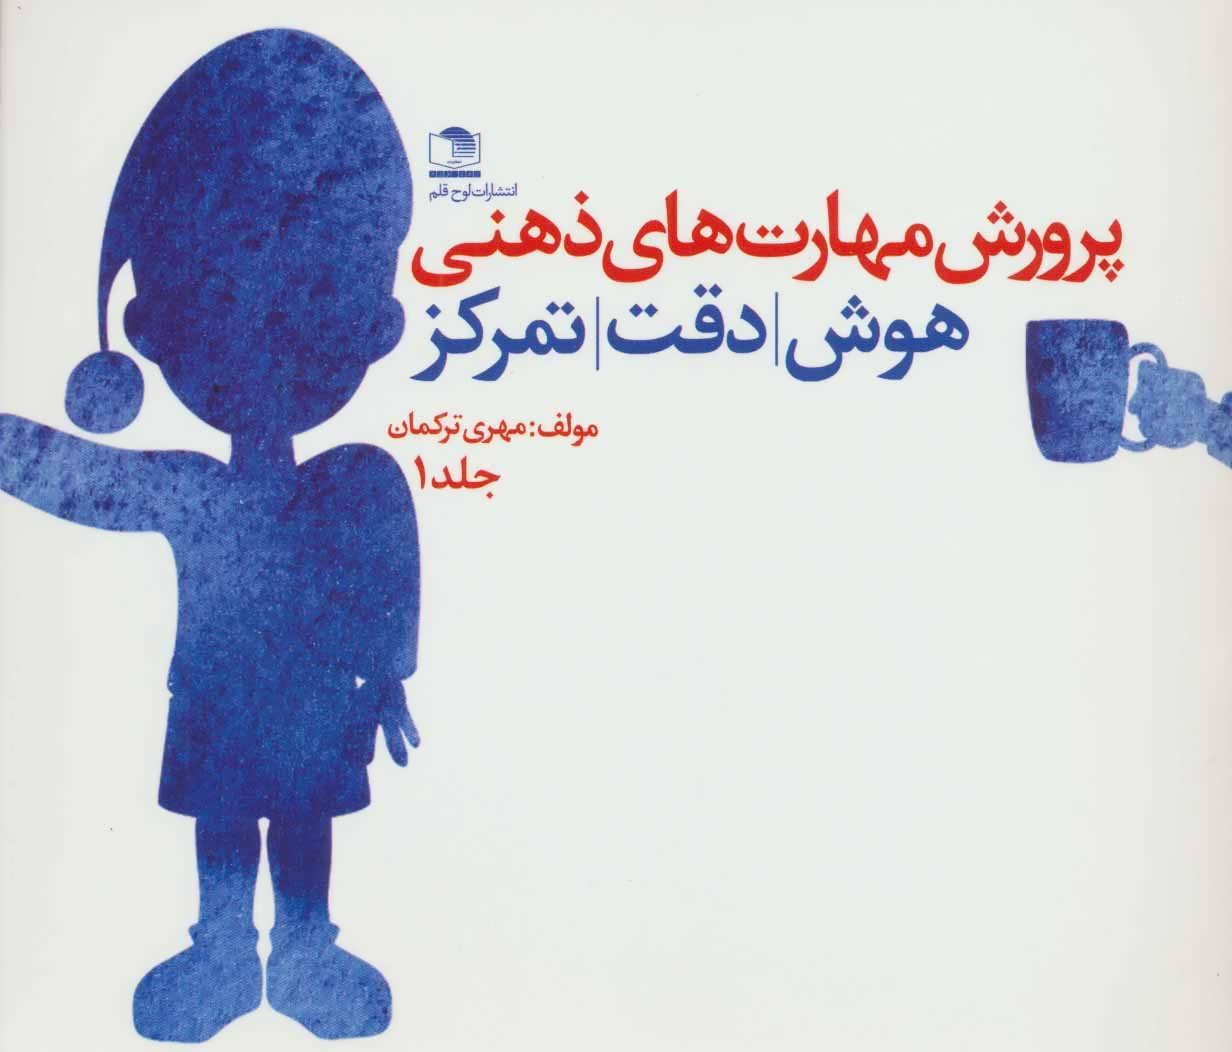 کتاب پرورش مهارتهای ذهنی، هوش، دقت، تمرکز